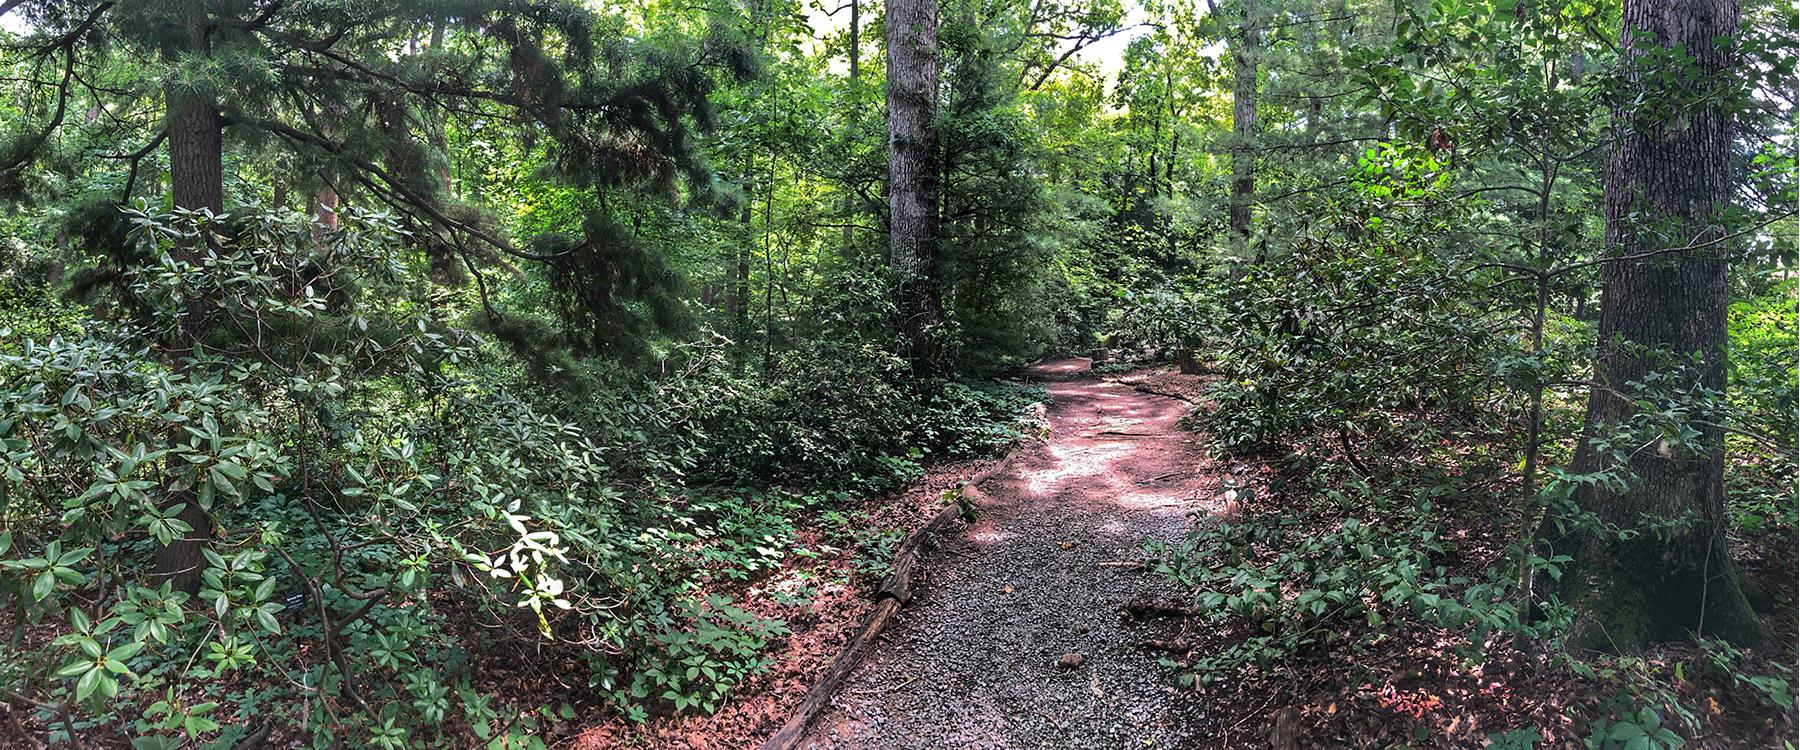 Kellum Trail